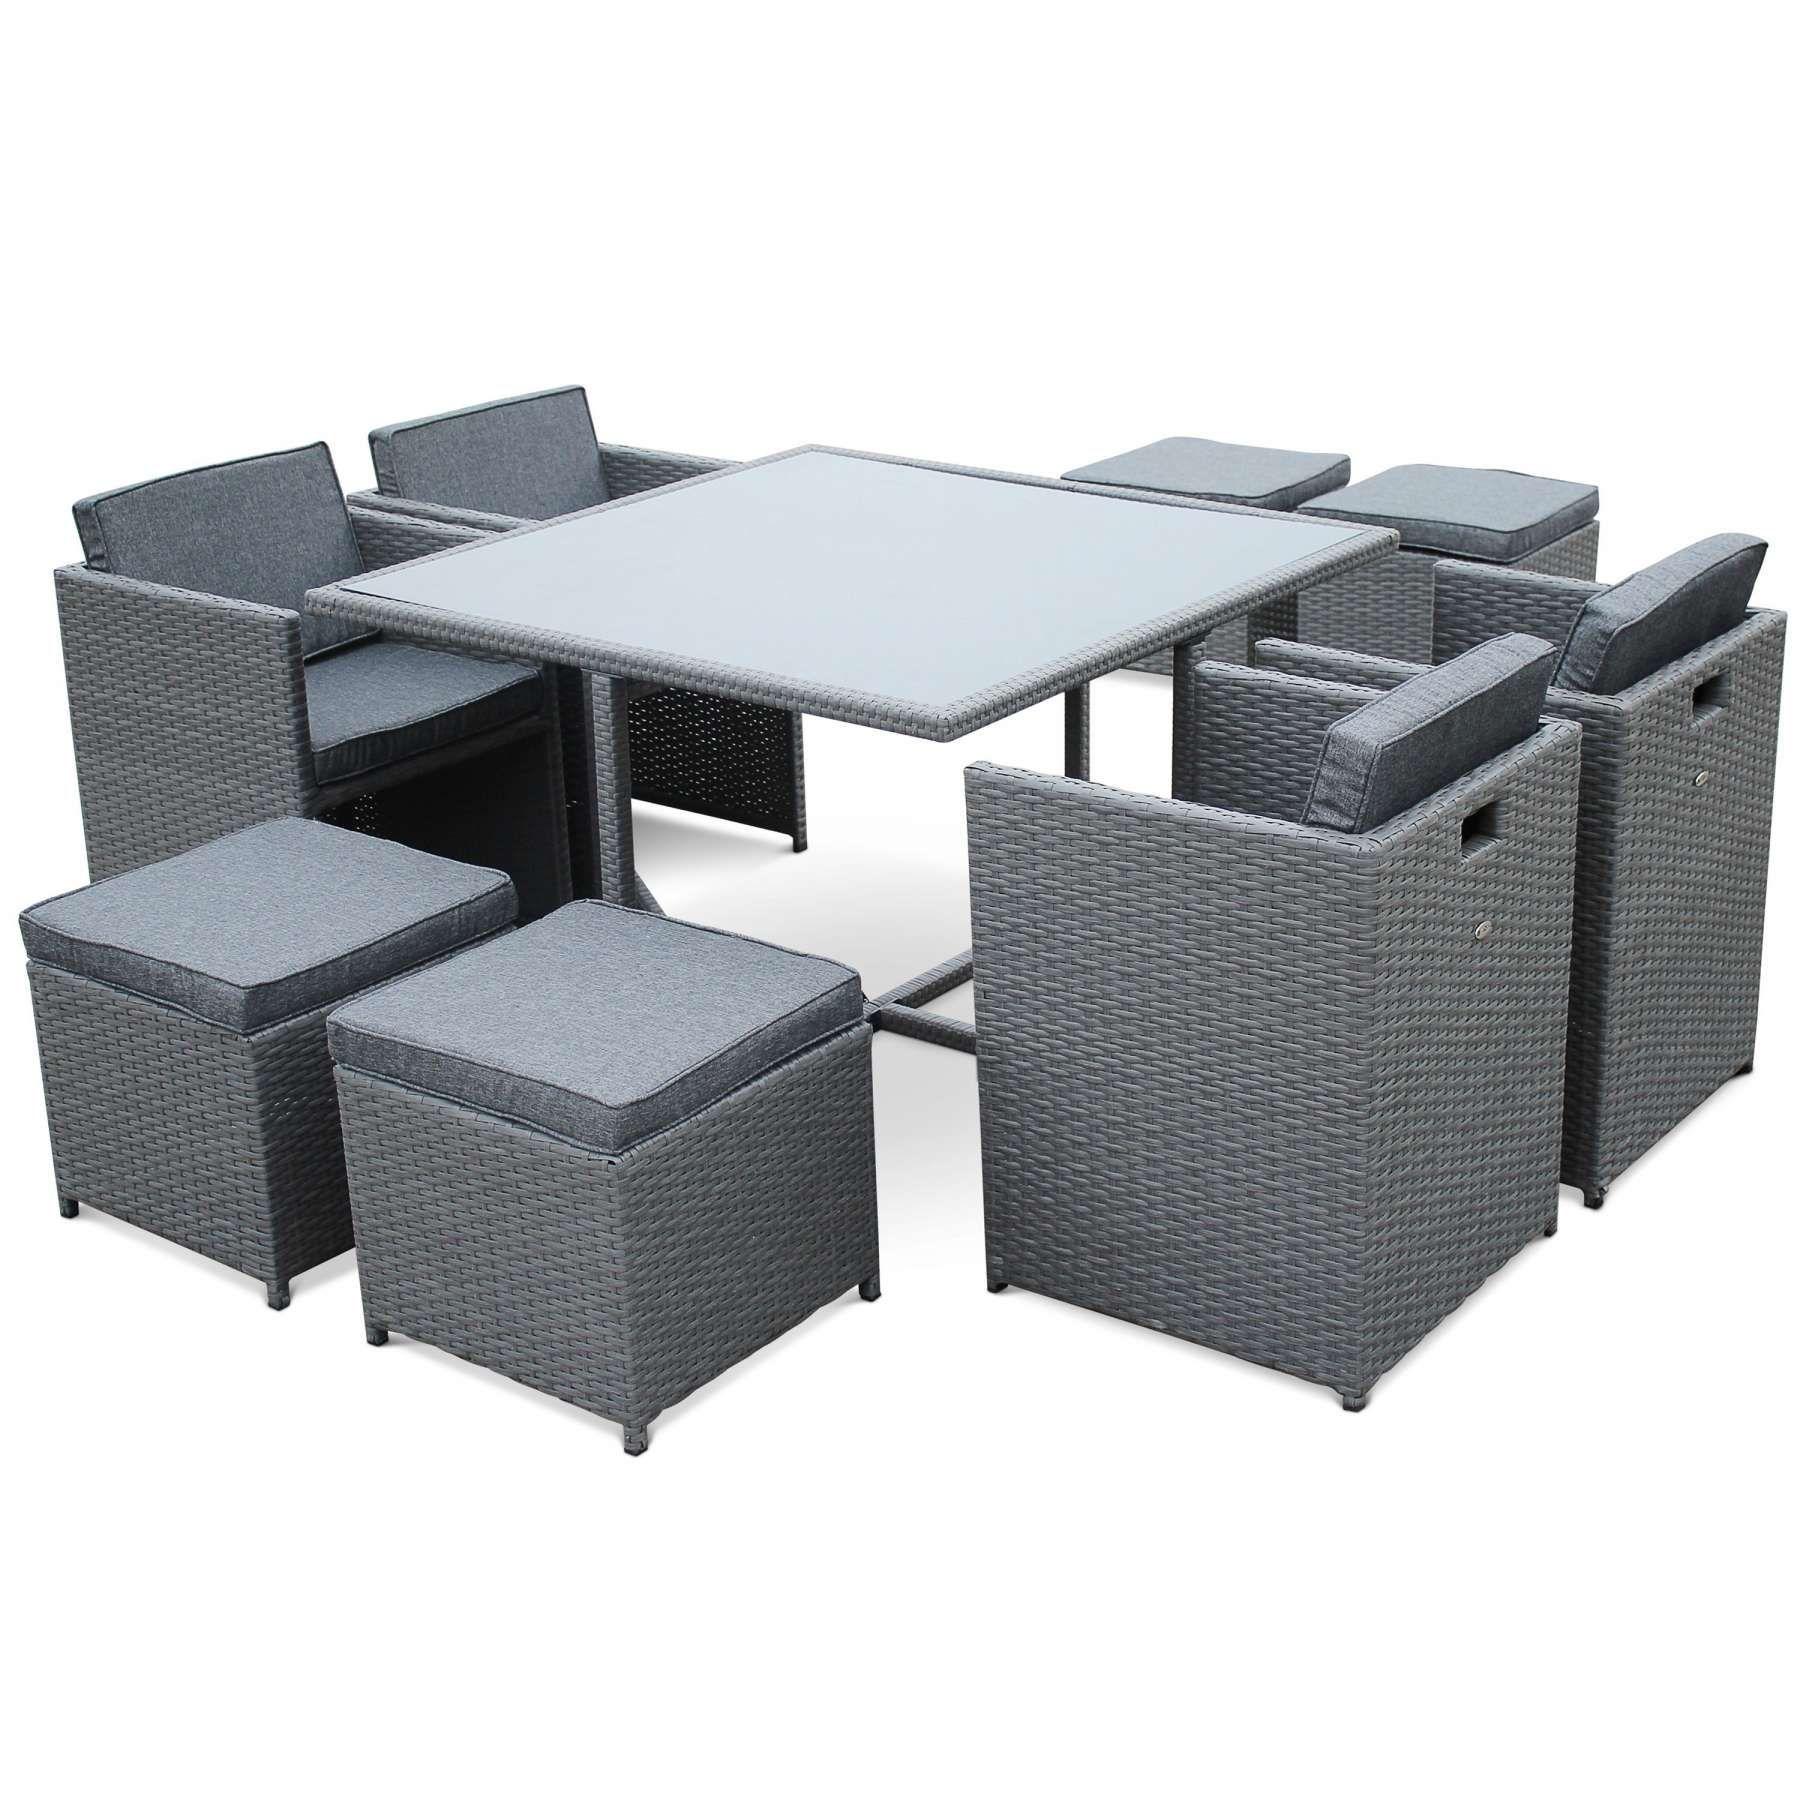 17 Amazone Salon De Jardin En Resine Designs De Salon In 2020 Garden Table Garden Furniture Sets